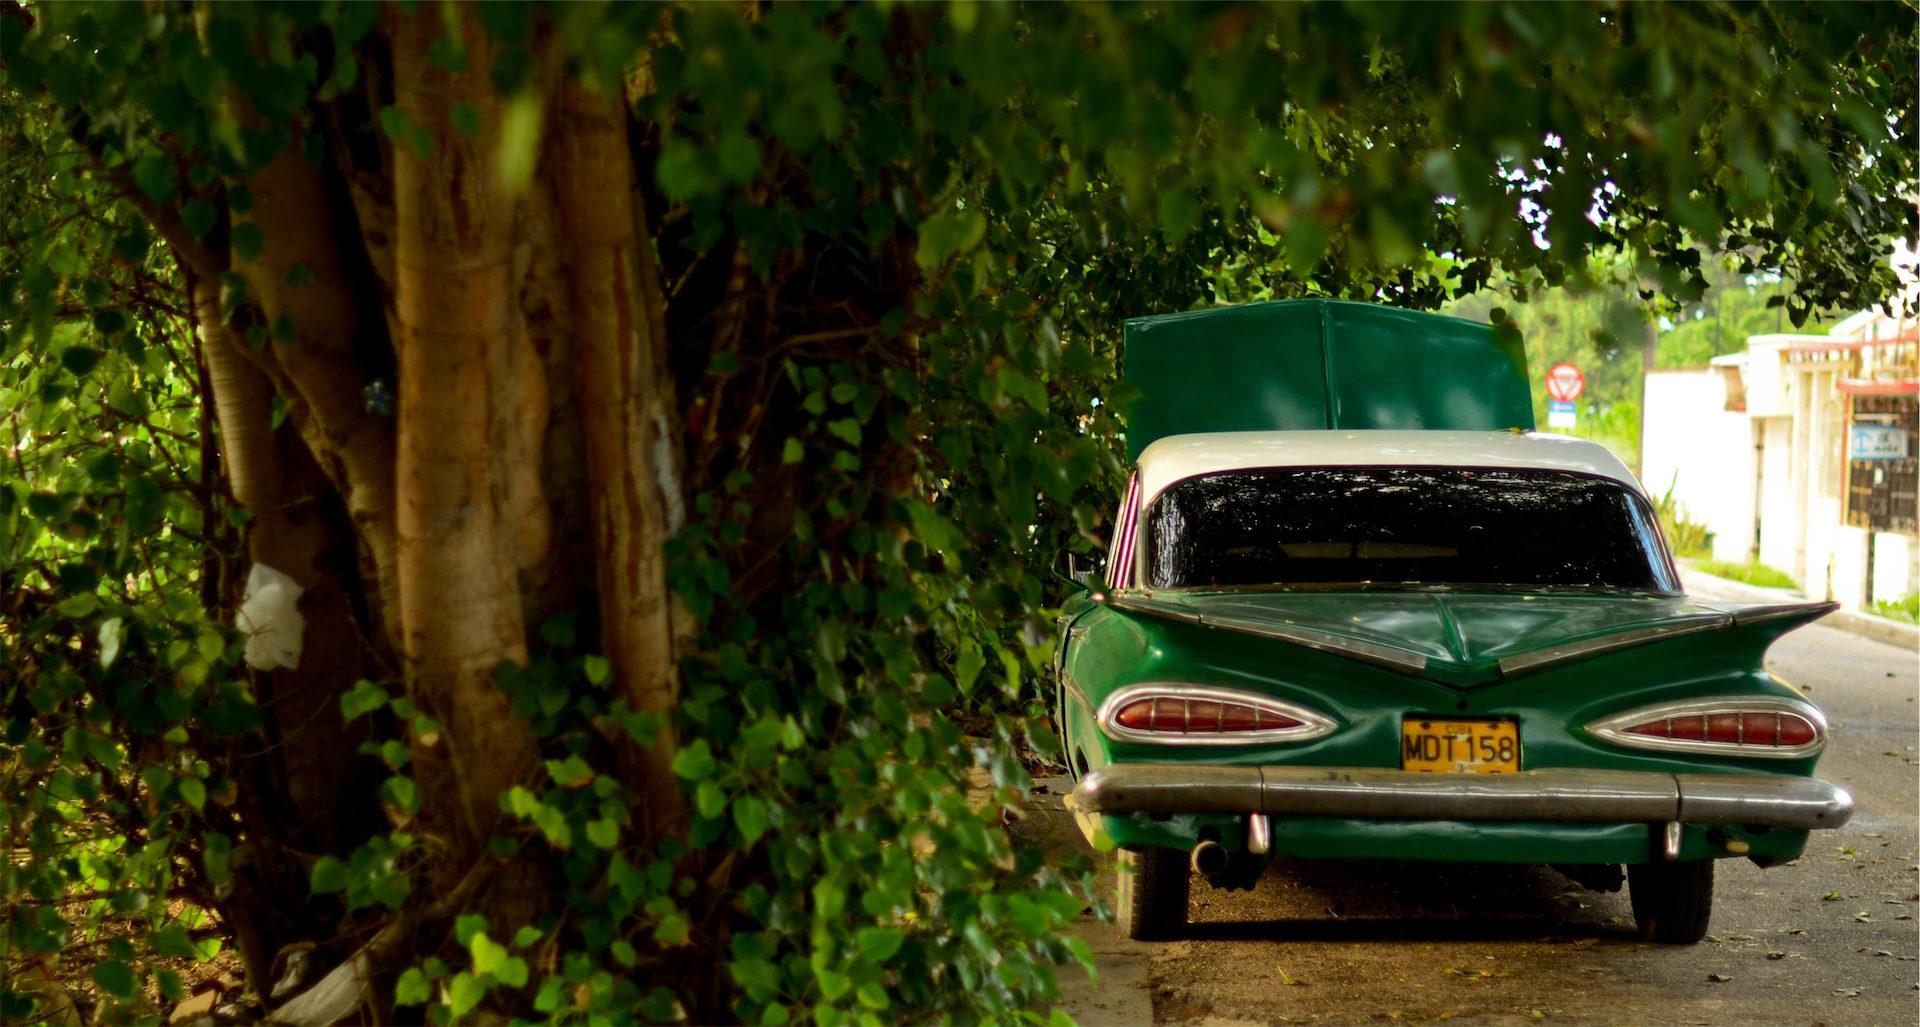 voiture, vieux, averia, Vintage, Vert - Fonds d'écran HD - Professor-falken.com